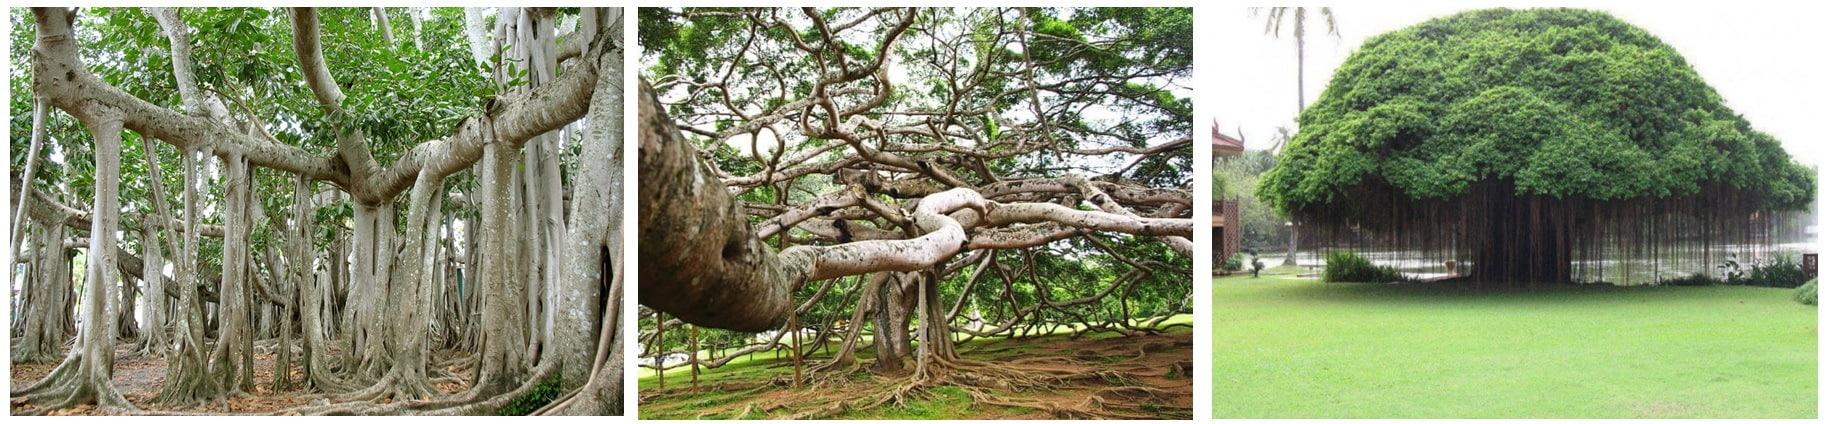 интерестное о дереве баньян